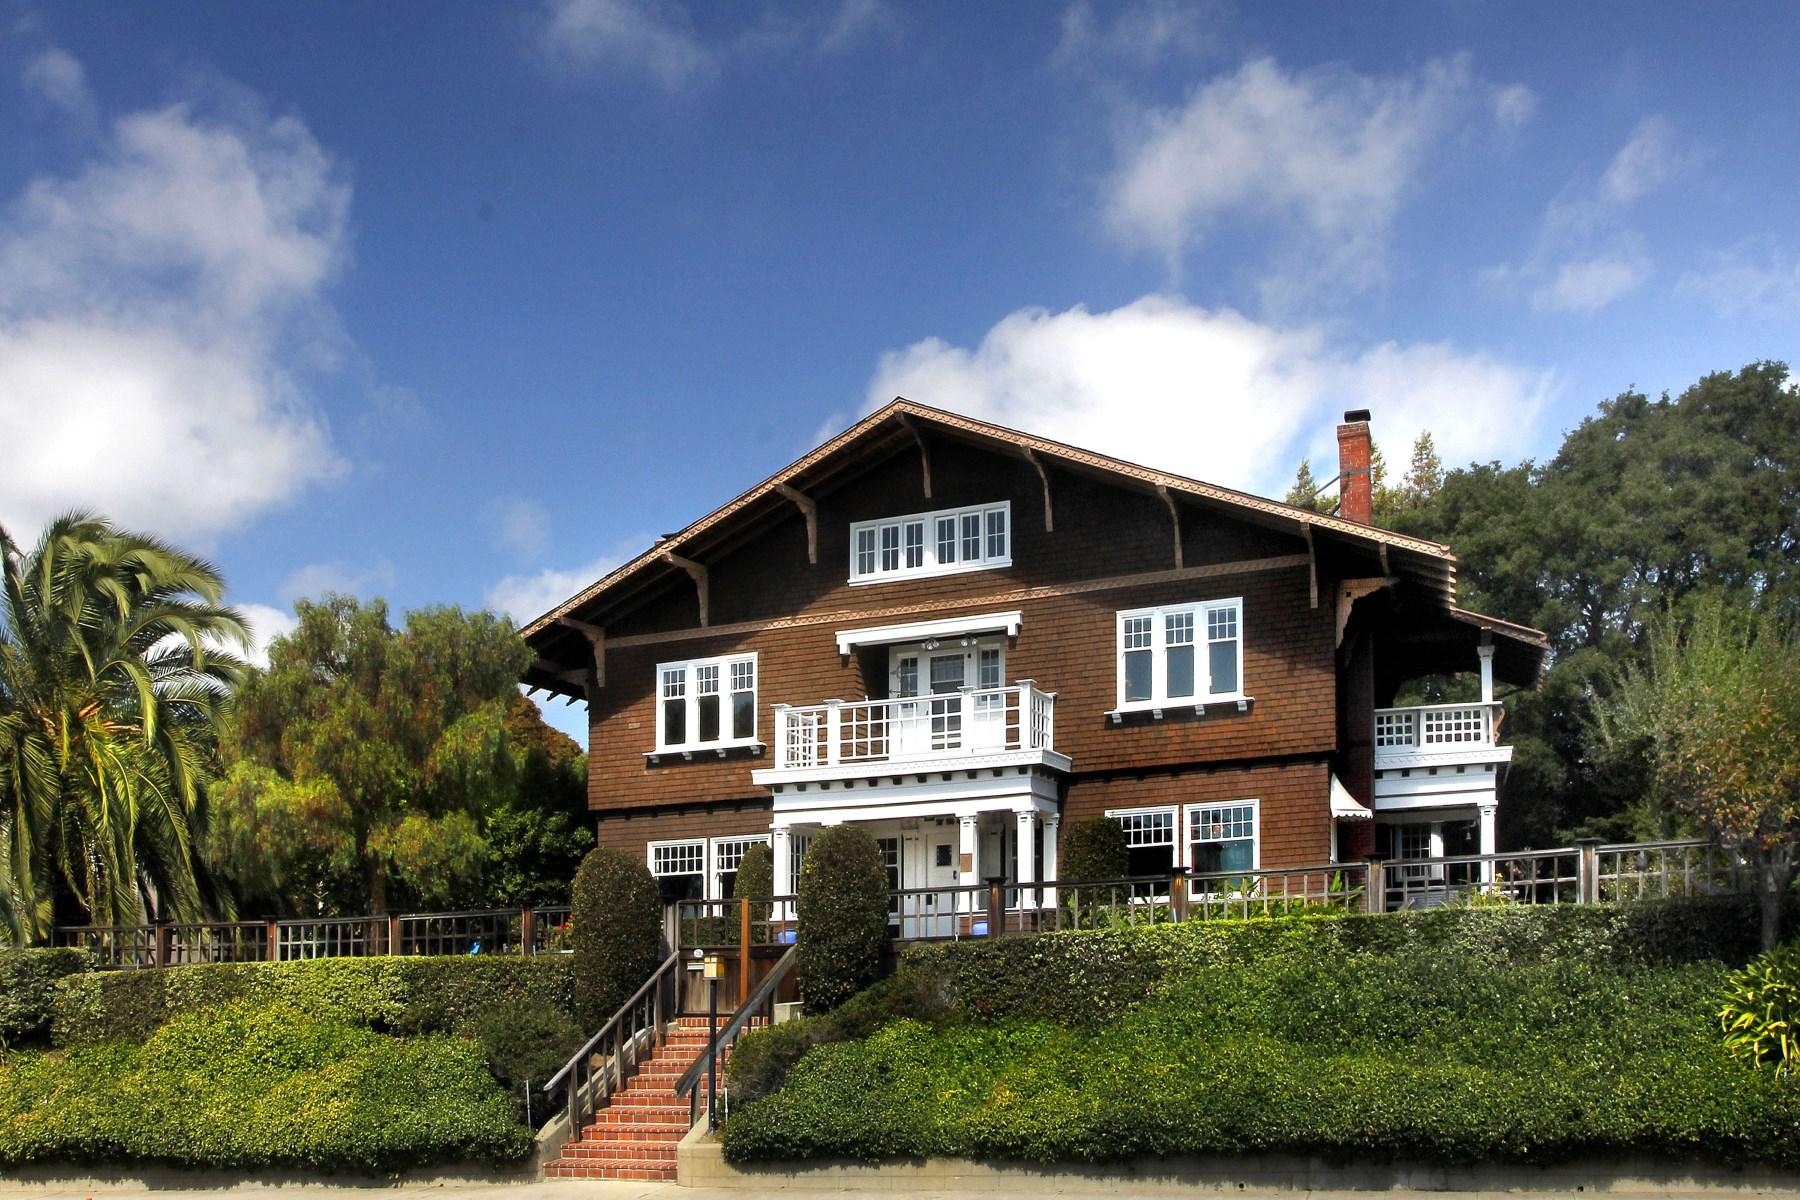 Casa Unifamiliar por un Venta en Julia Morgan Original 728 Capitol St Vallejo, California, 94590 Estados Unidos